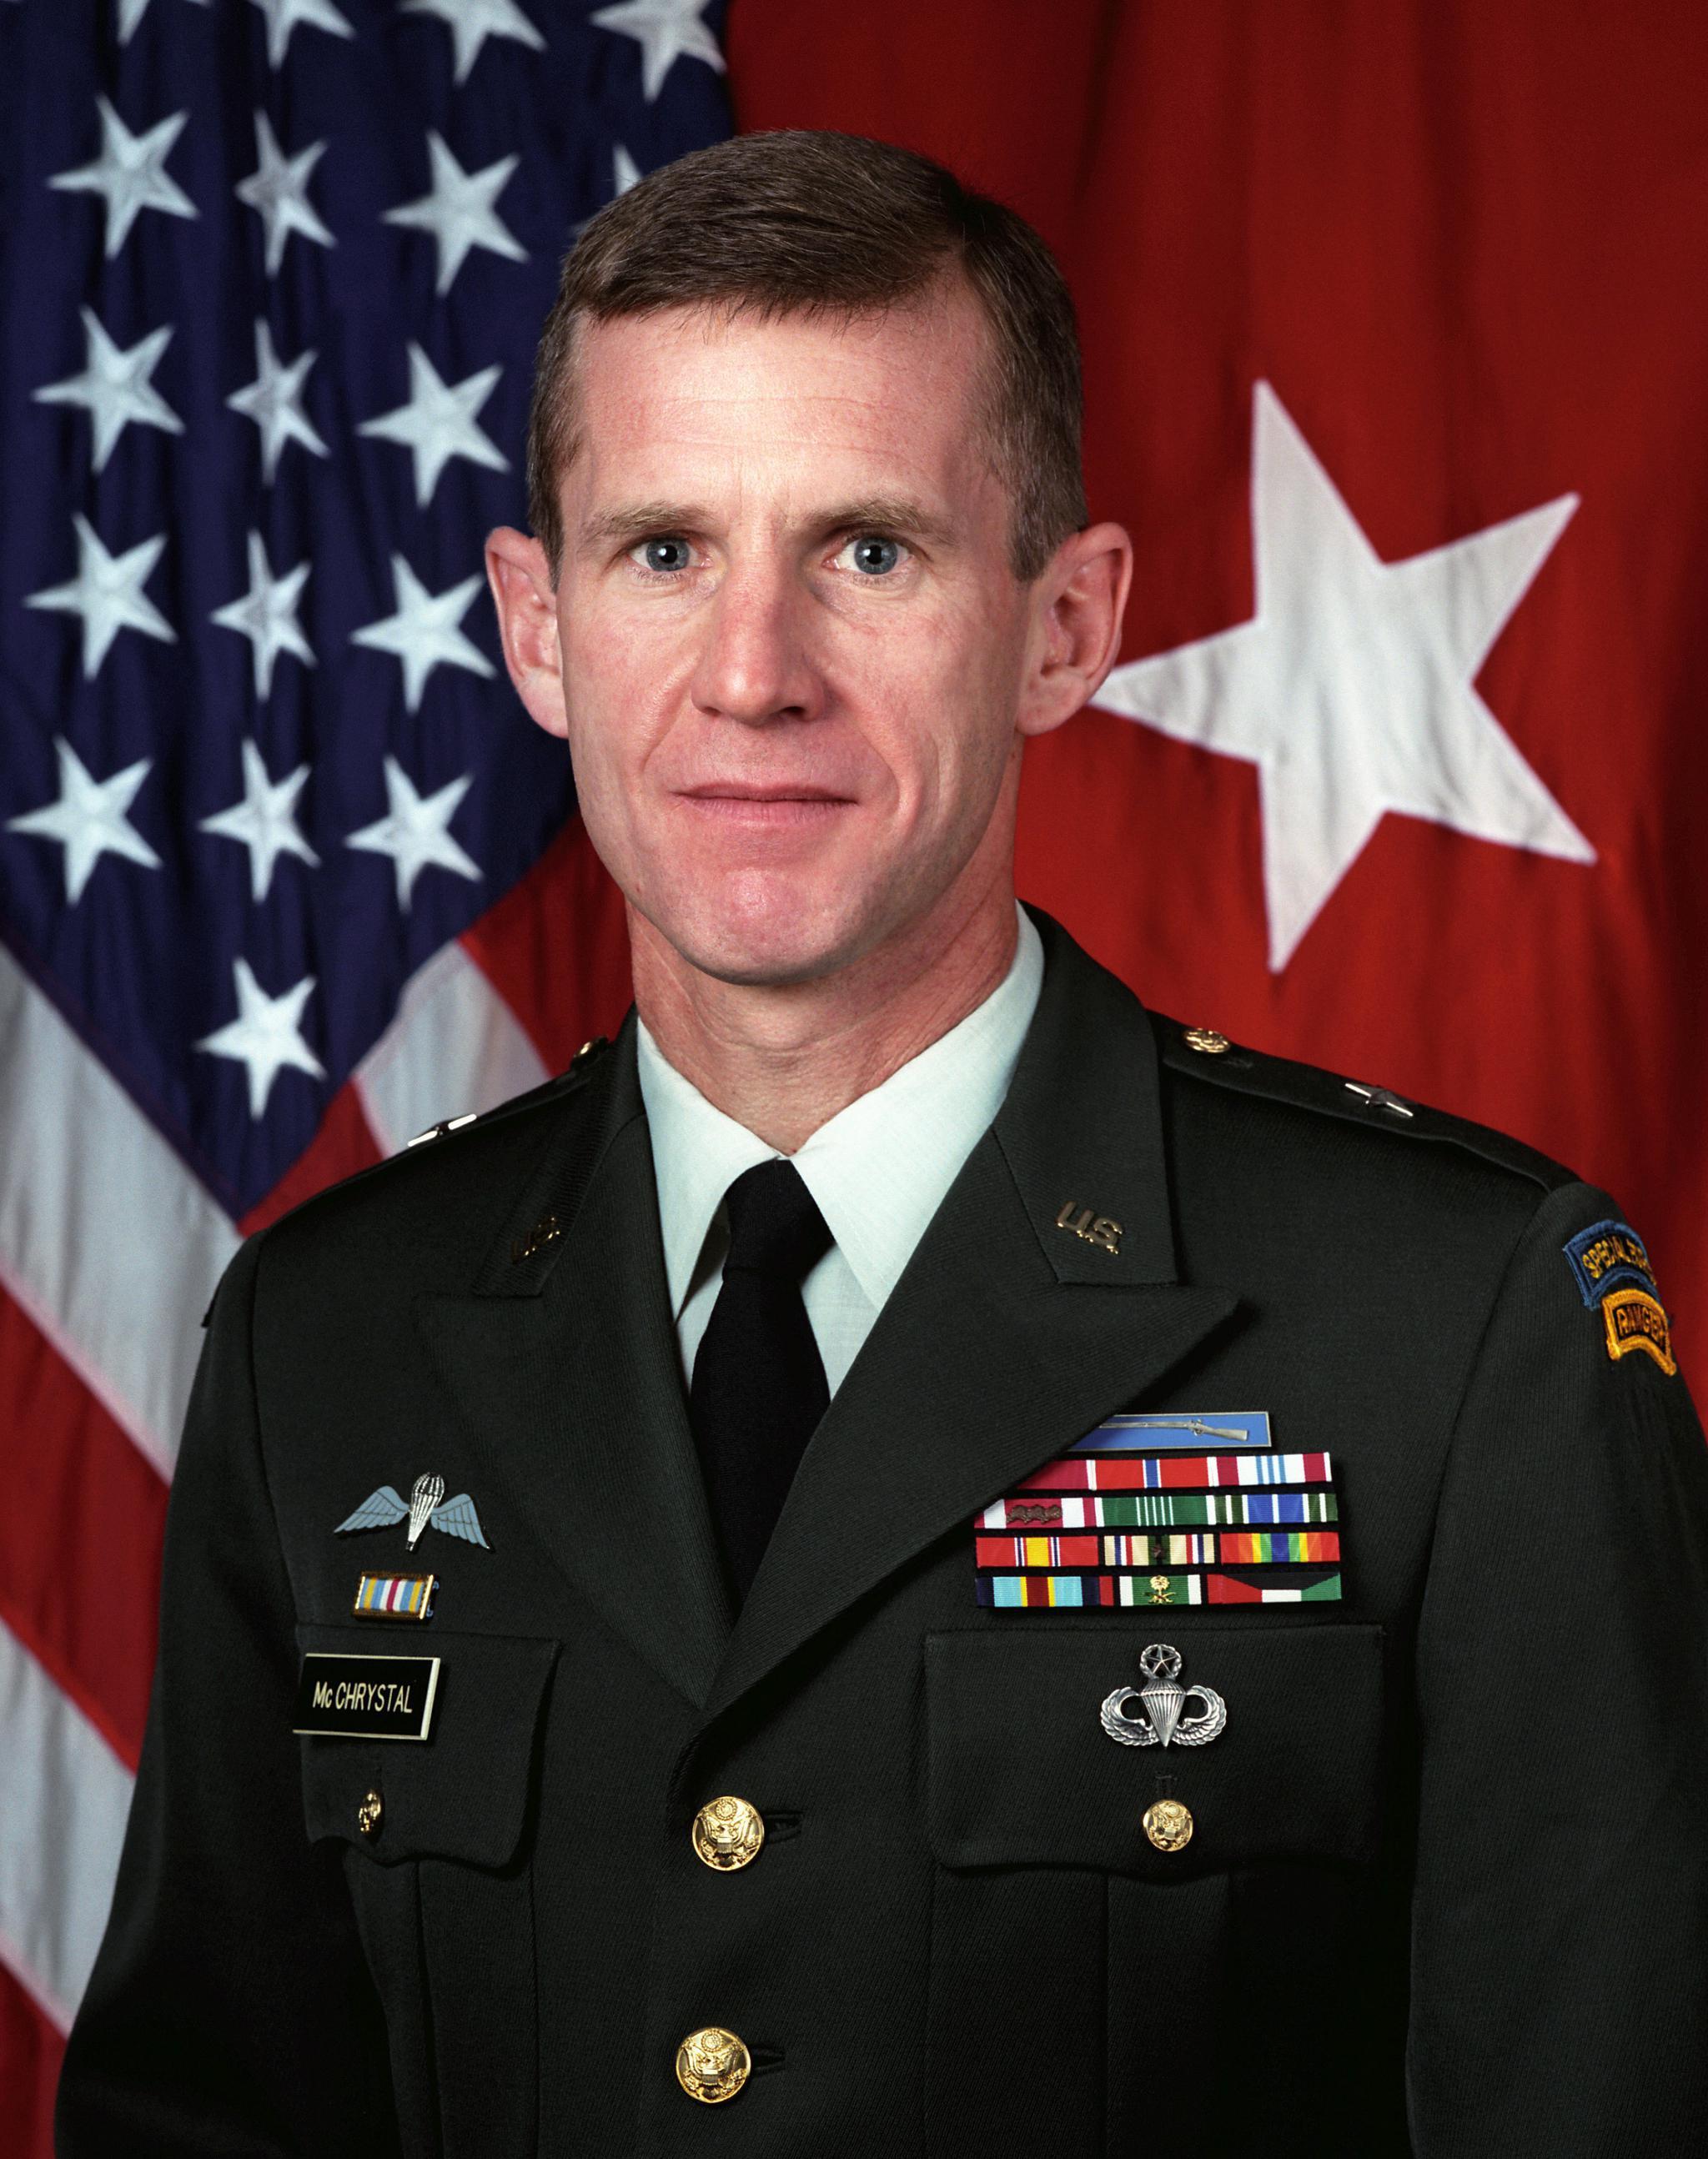 美軍上將麥克里斯特爾(攝影時為準將)圖源:美國國防部